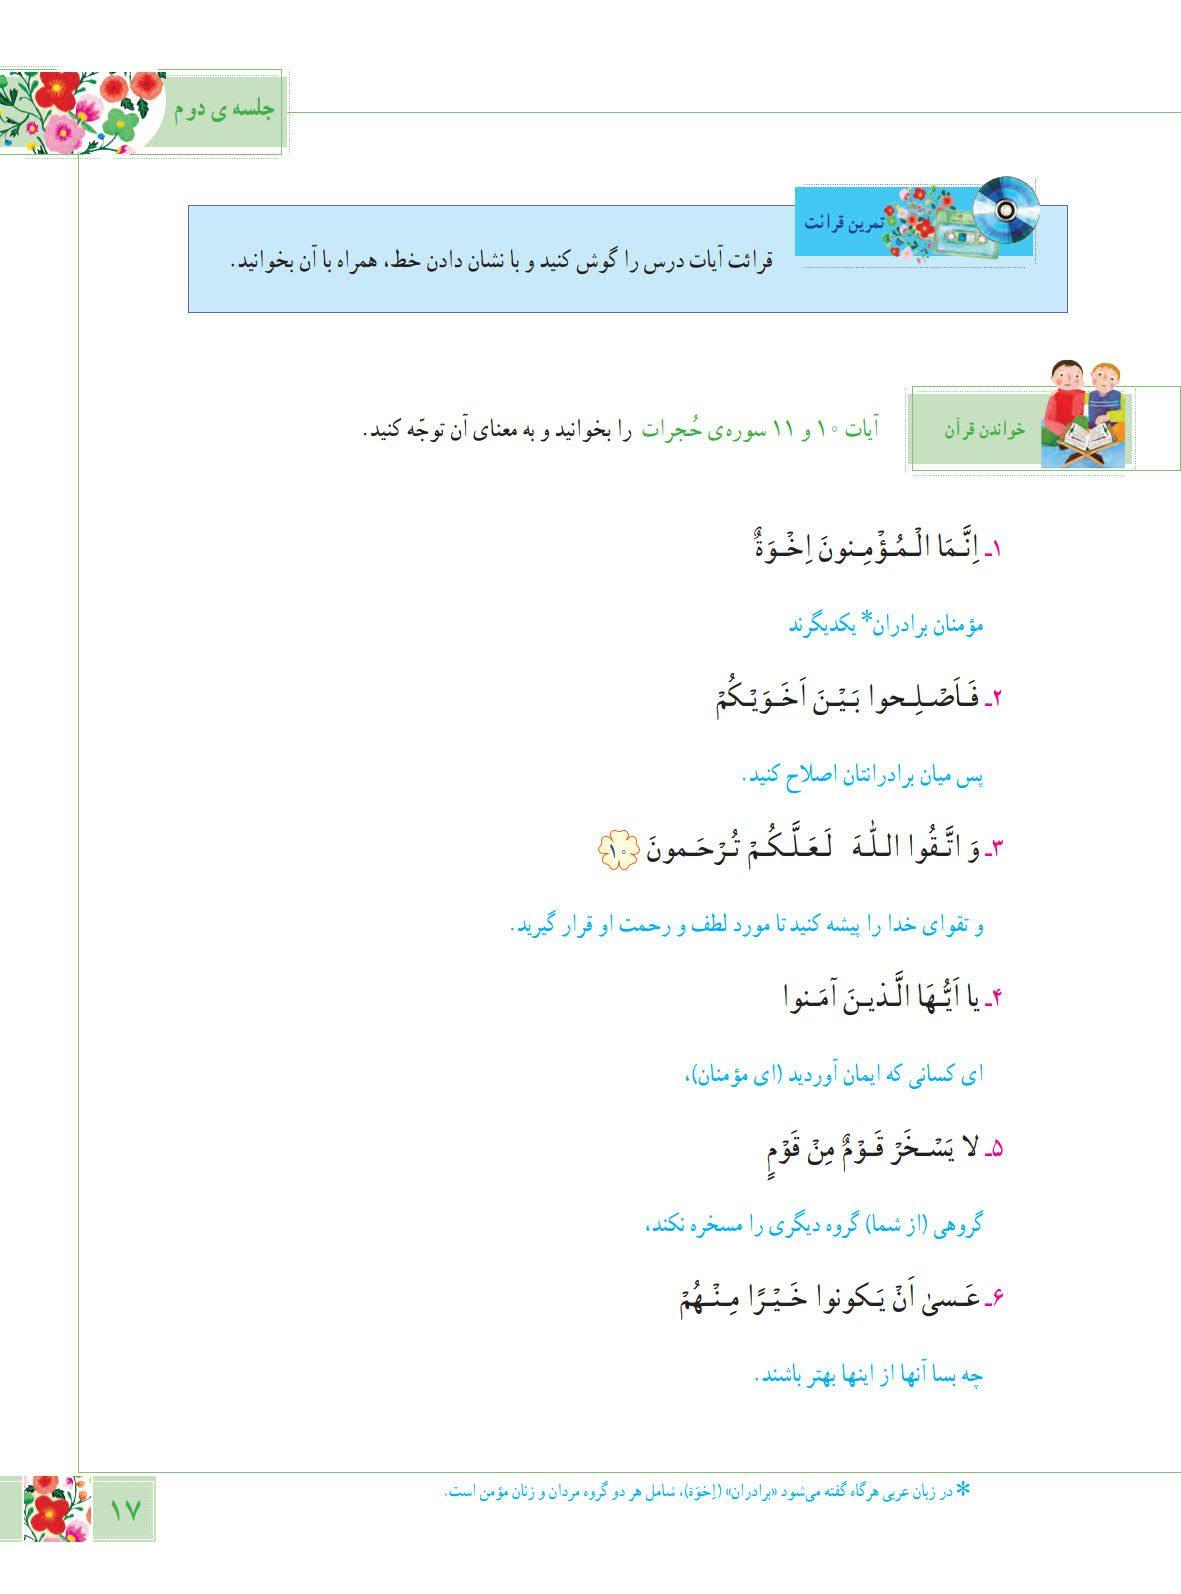 درس سوم آموزش قرآن پایه ششم ابتدایی - کلاس اینترنتی ما - مومکا - صفحه 17 - momeka.ir (1)